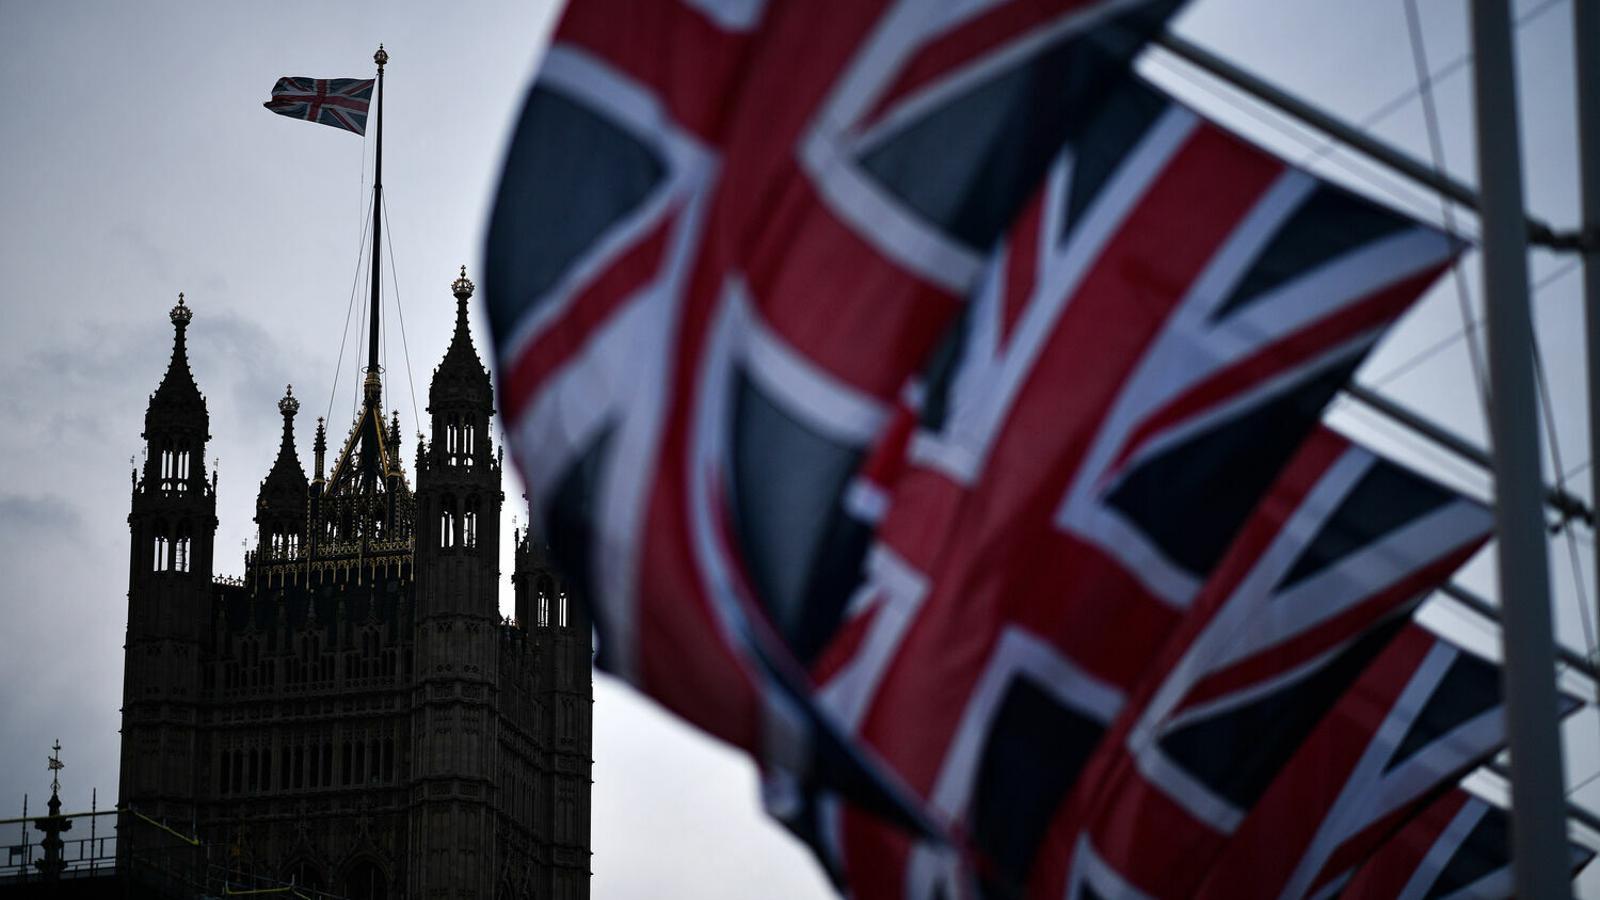 La Union Jack en primer terme, sobre una de les torres del palau de Westminster al fons. / DANIEL LEAL-OLIVAS (EFE)